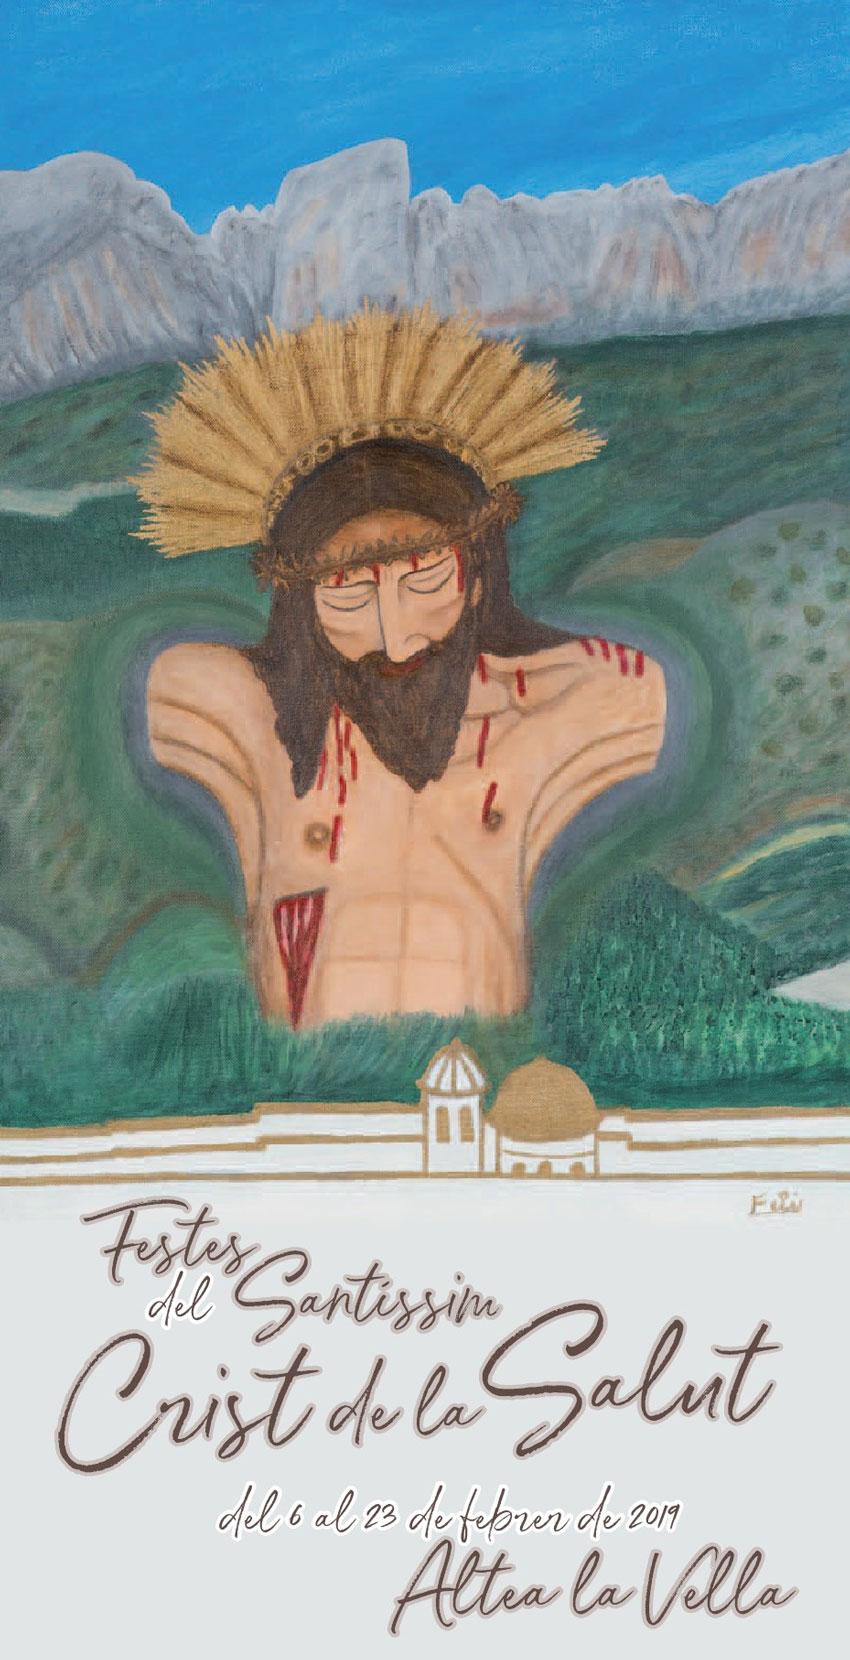 Comencen les festes patronals d'Altea la Vella dedicades al Crist de la Salut